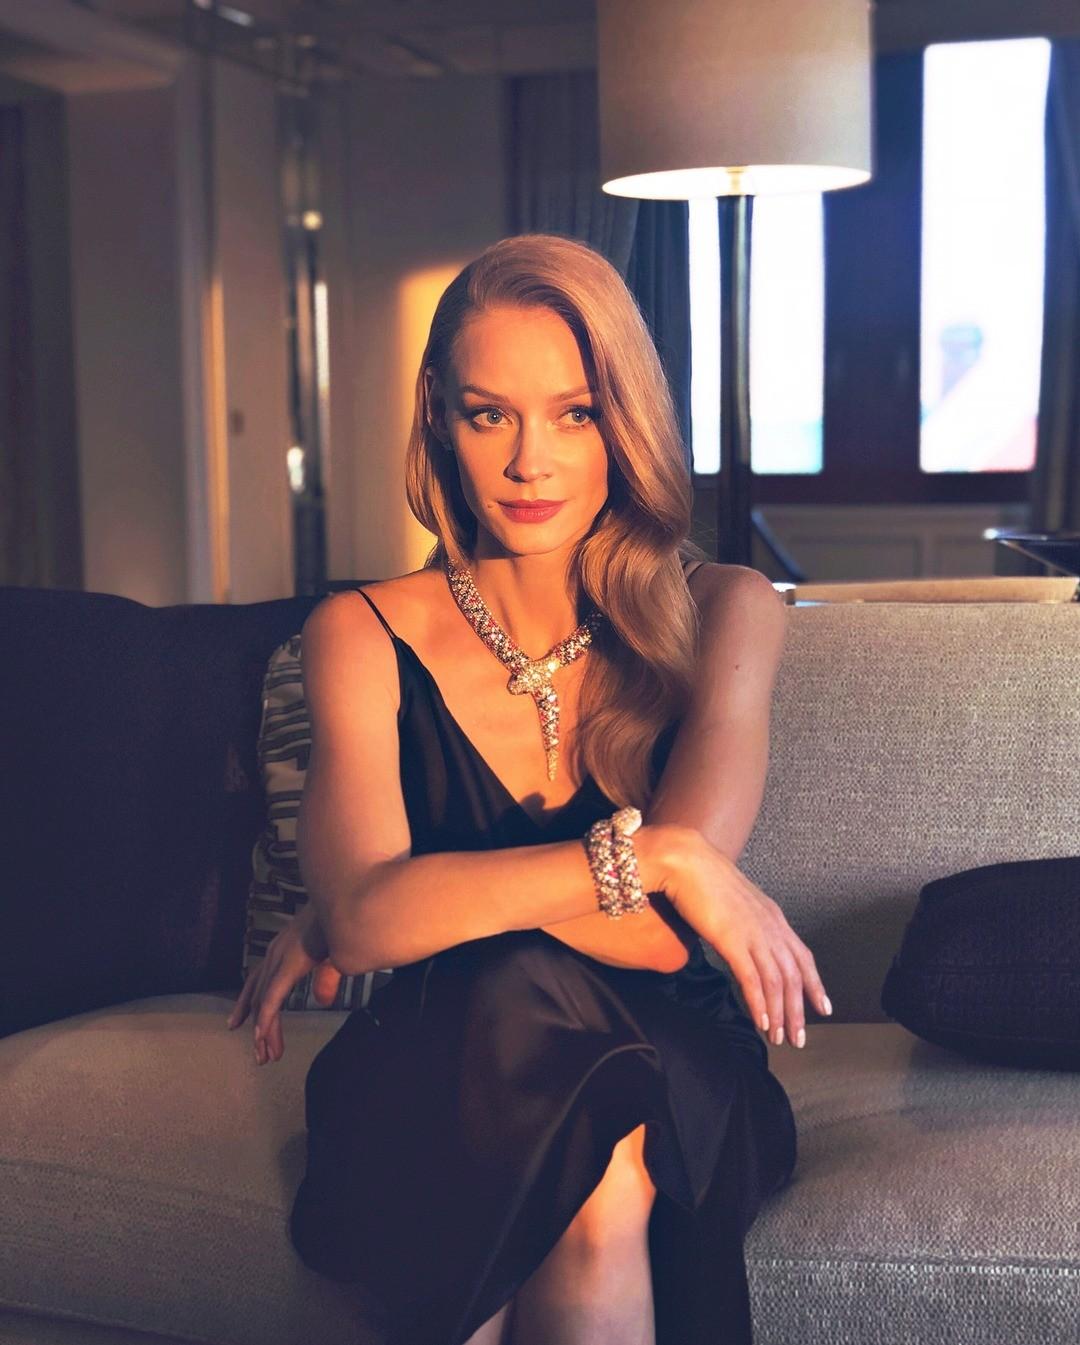 Светлана Ходченкова удивила поклонников фото вочках исполотенцем наголове